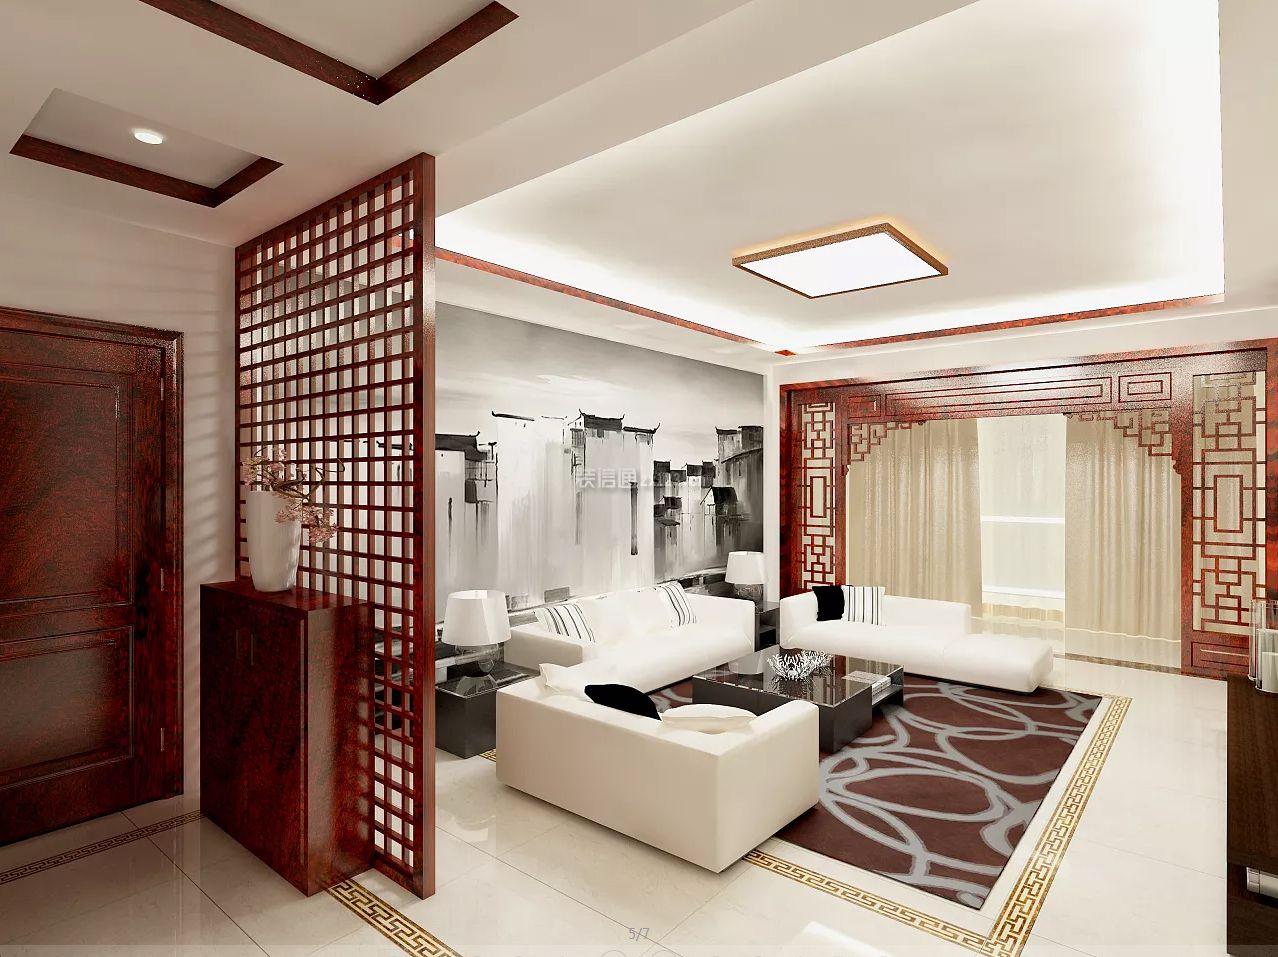 新中式风格客厅玄关隔断装修效果图图片